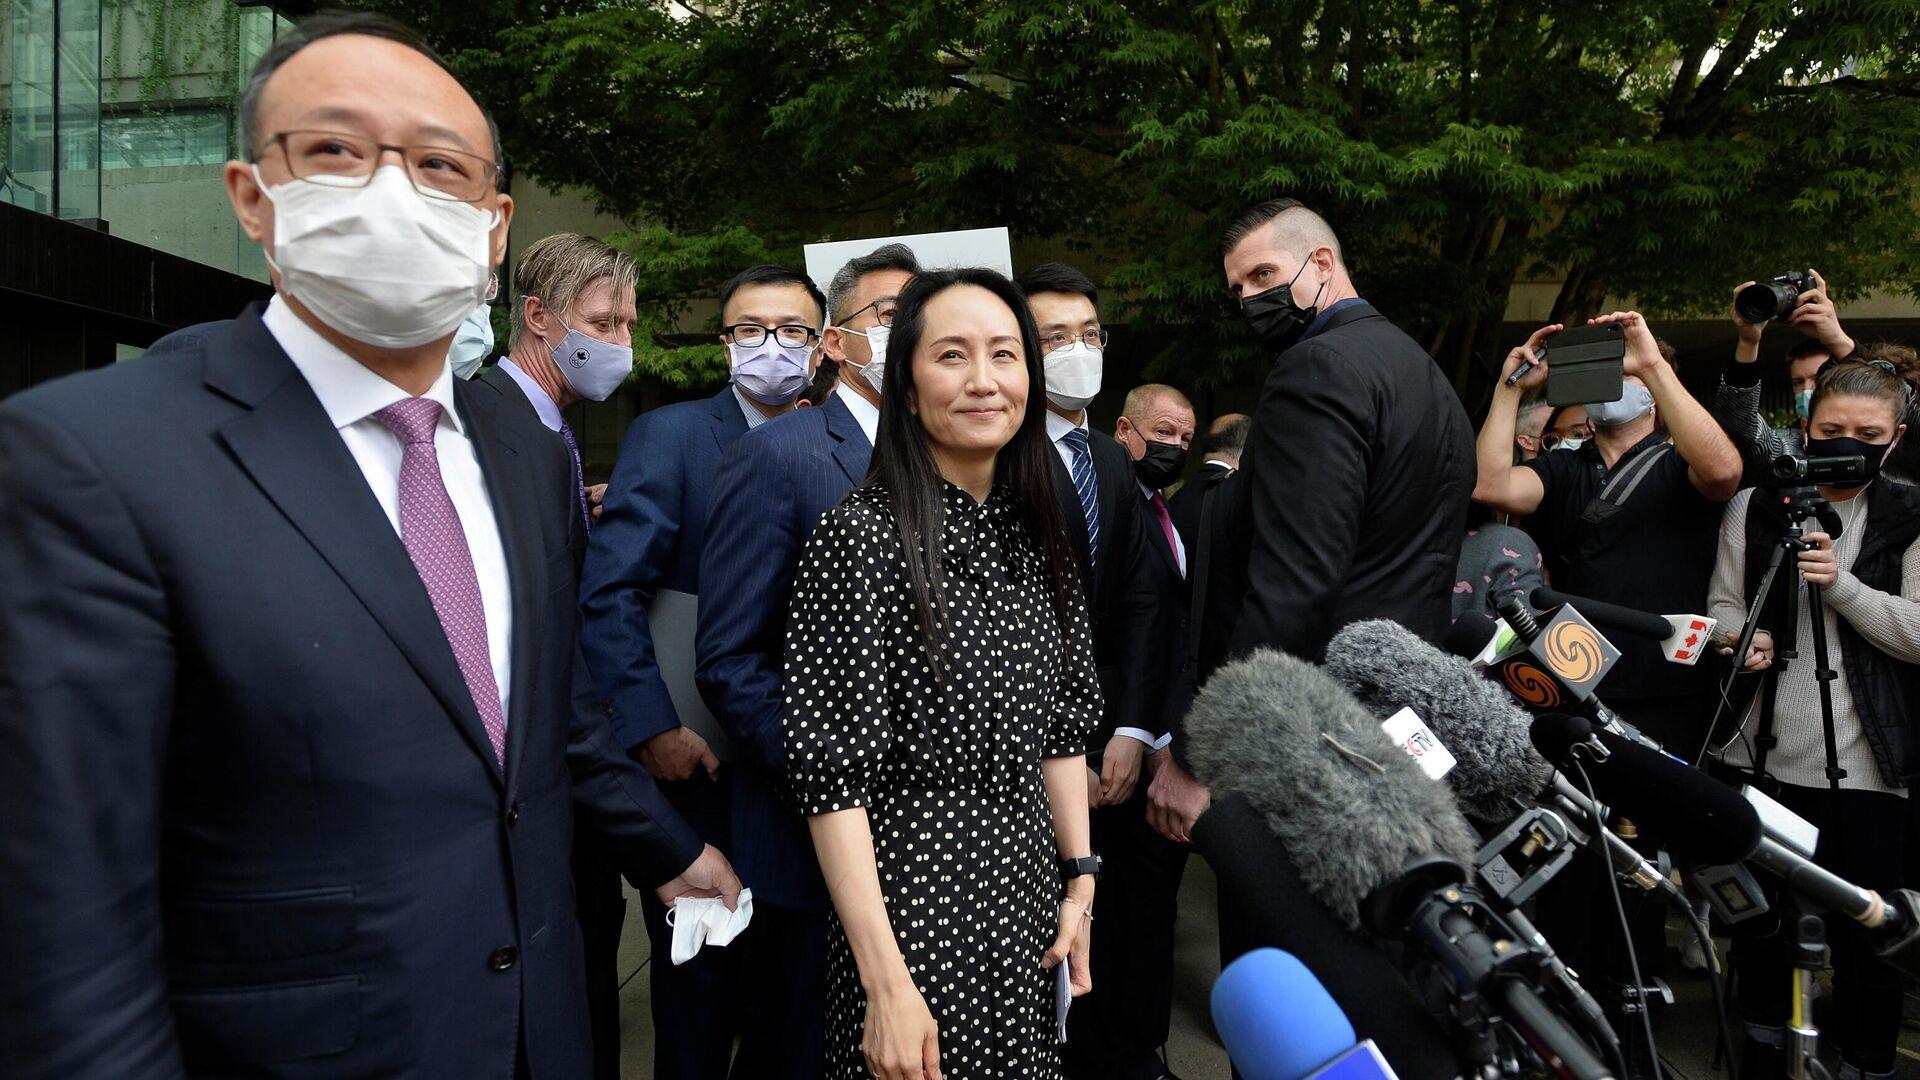 Финансовый директор Huawei Мэн Ваньчжоу после заседания суда в Ванкувере, Канада - РИА Новости, 1920, 27.09.2021